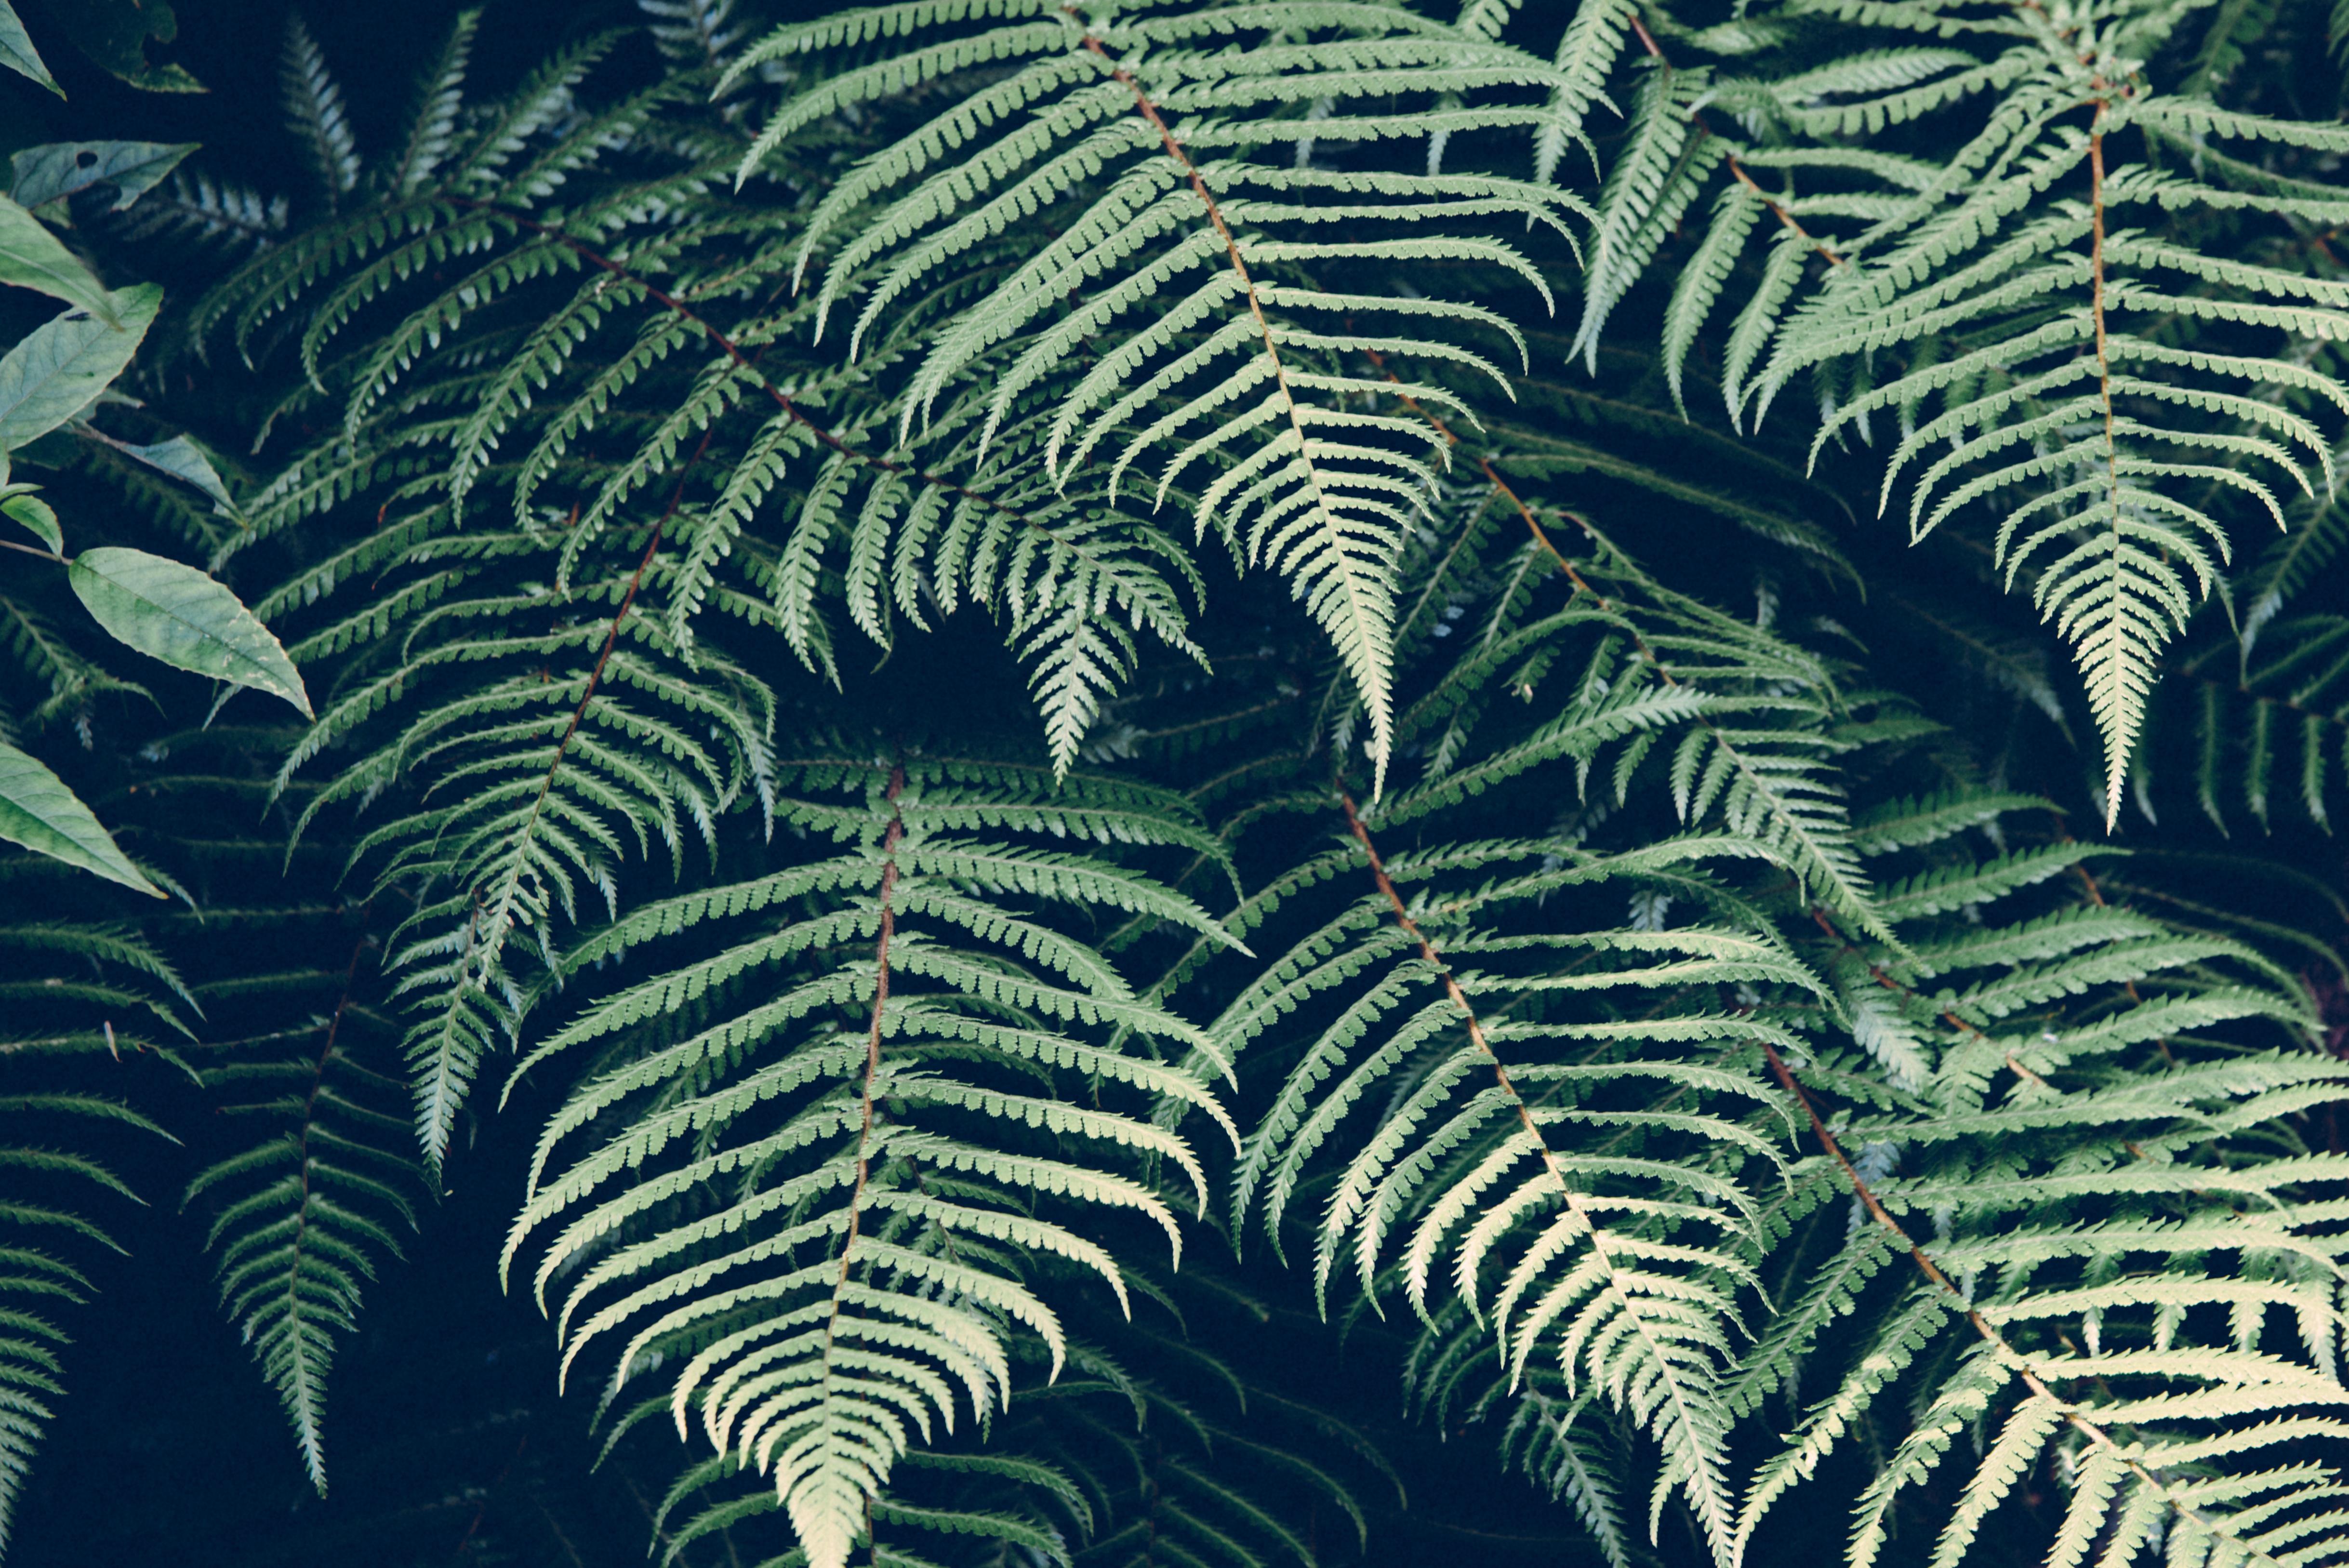 Gratis billeder natur plante blad m nster linje for Plante jungle